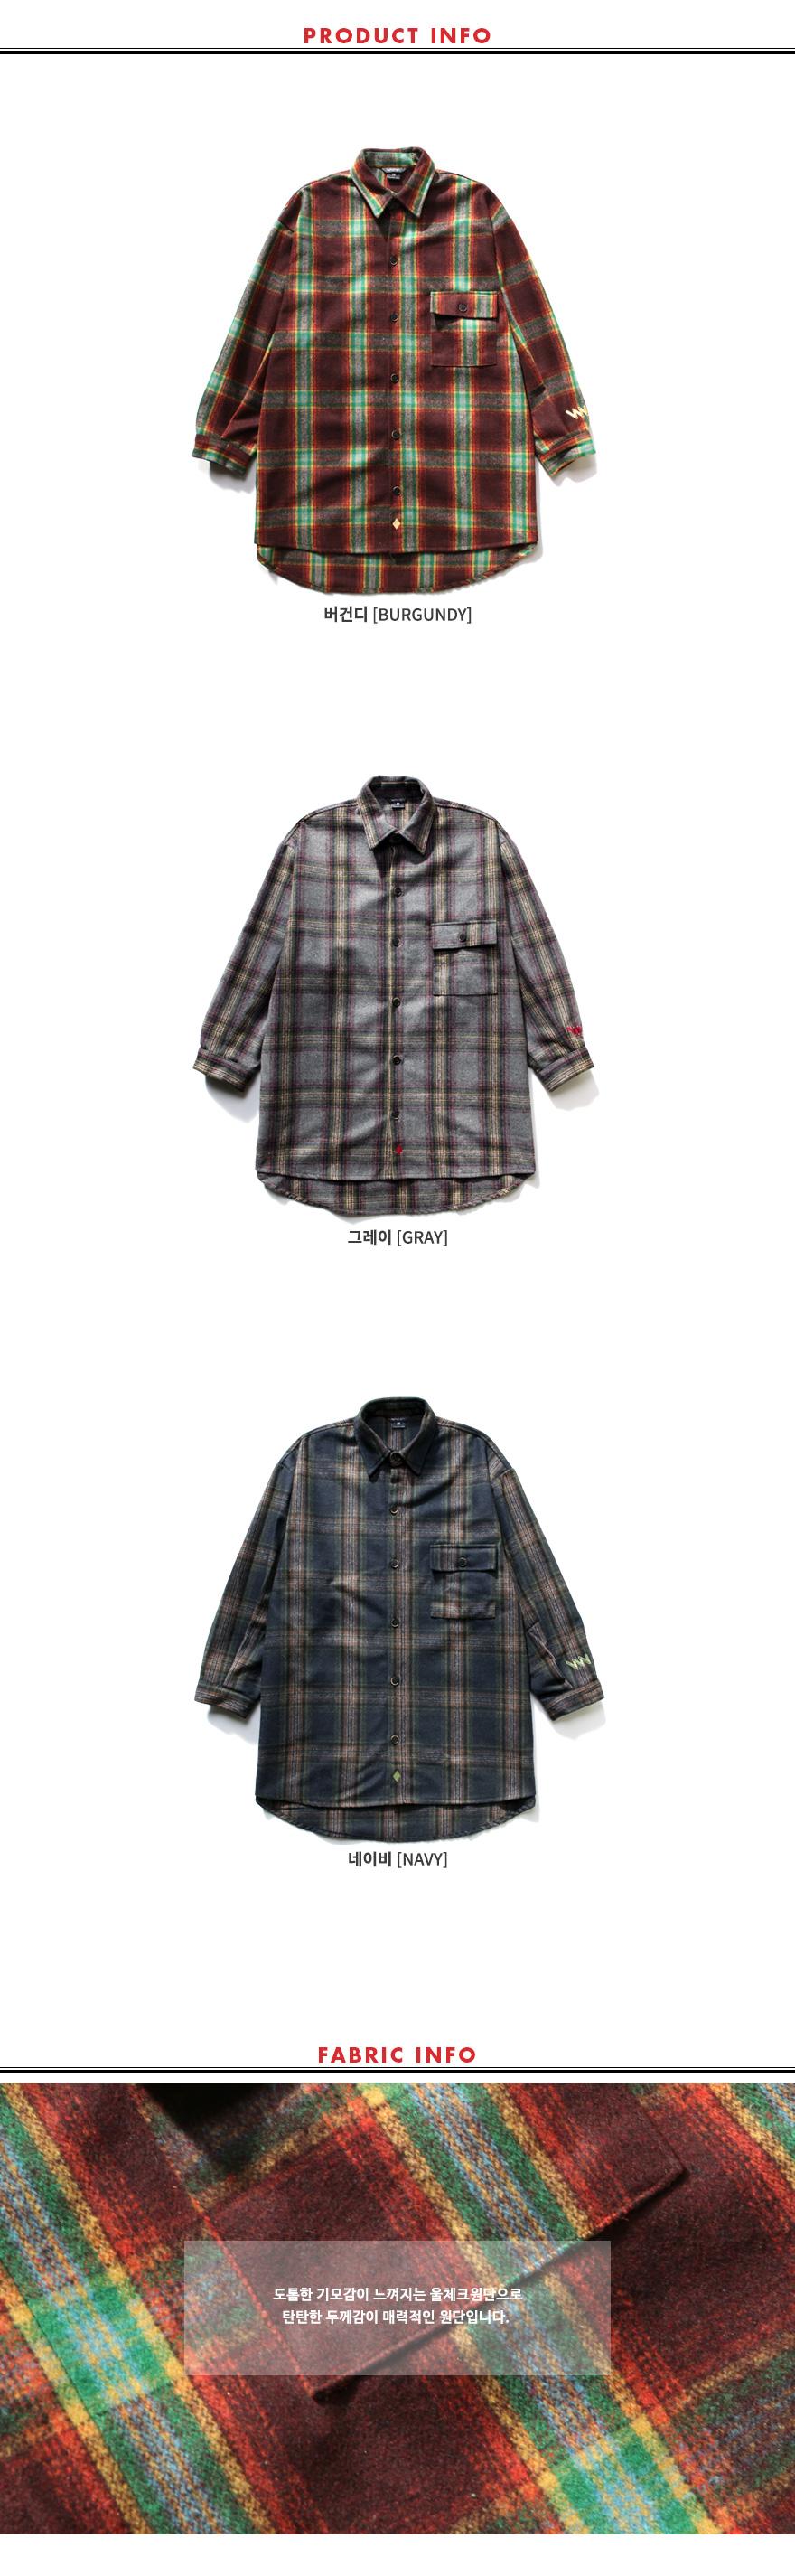 [더블유브이프로젝트] 다이아 벌룬 박스셔츠 3종 JJLS7129